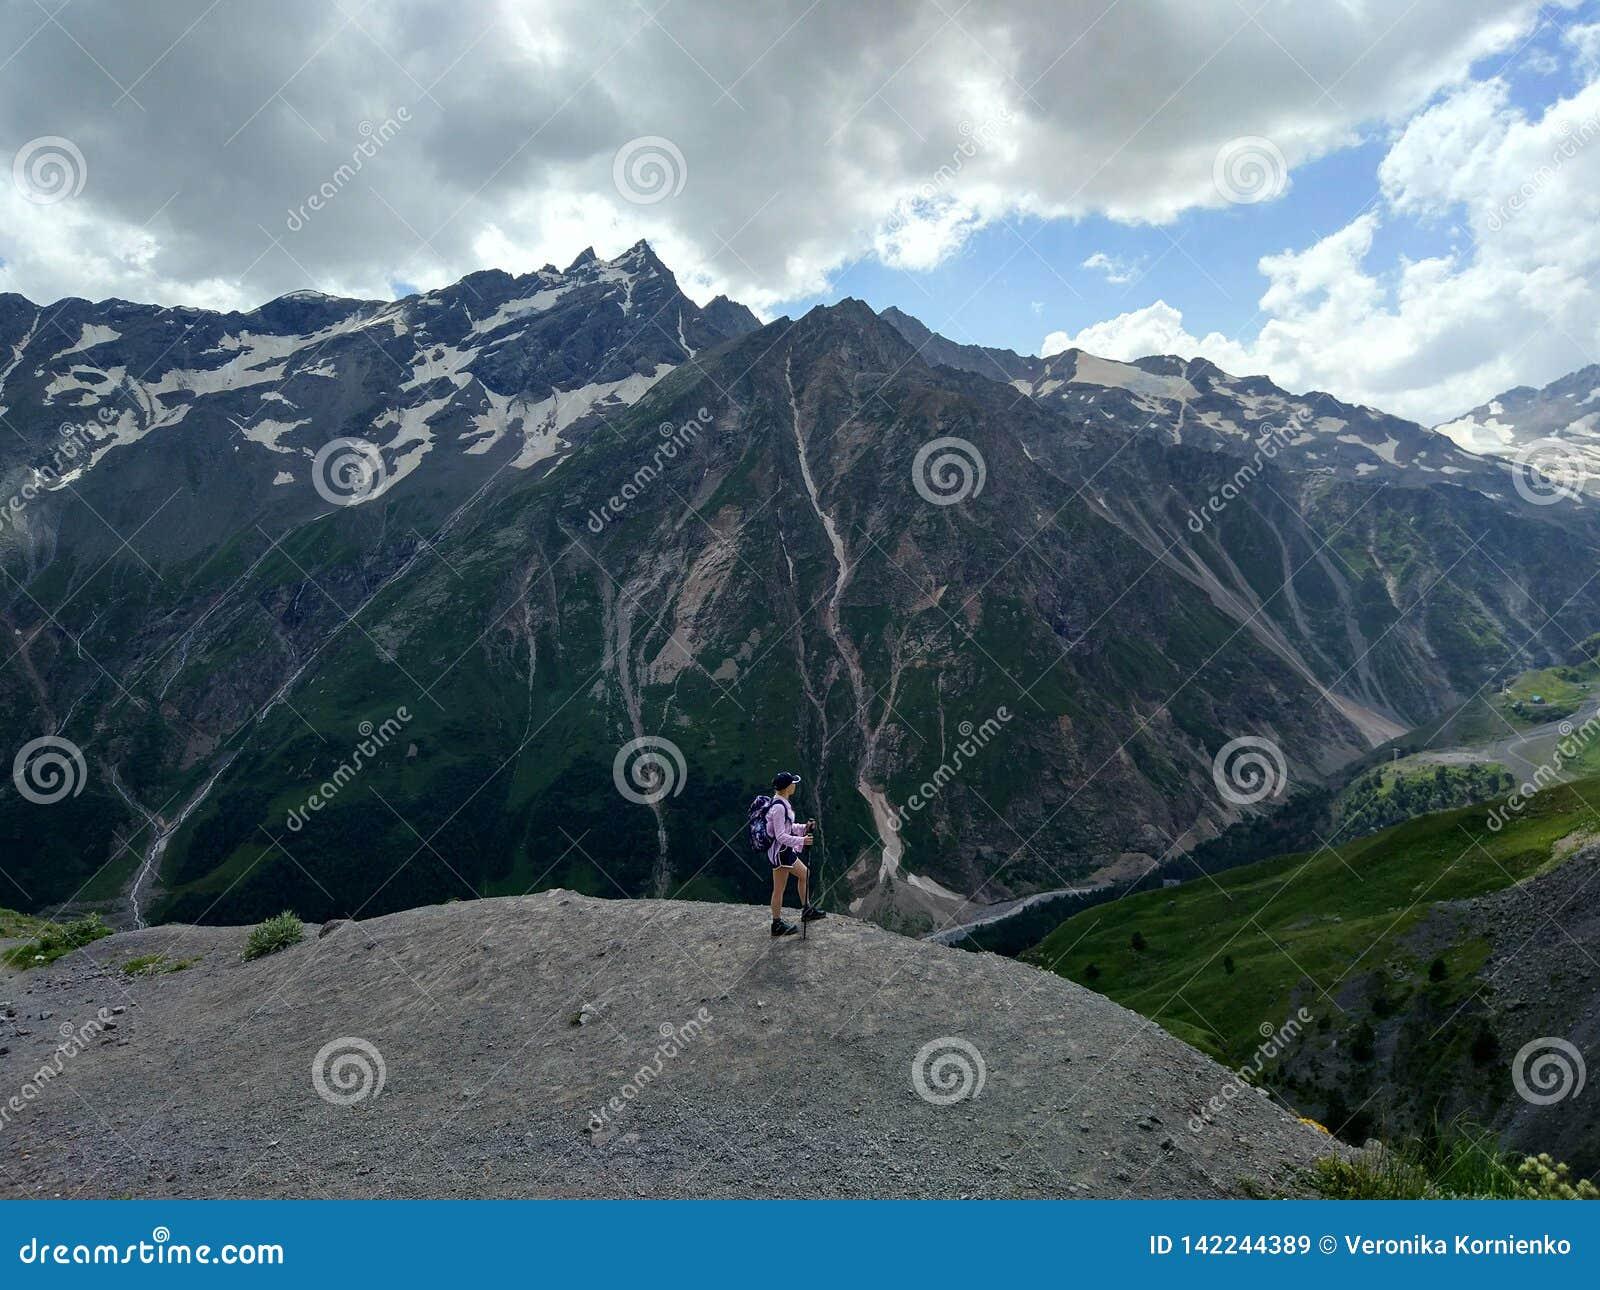 Wandern des Mädchens in den Bergen, der Richtung der Freiheit und der Abenteuer